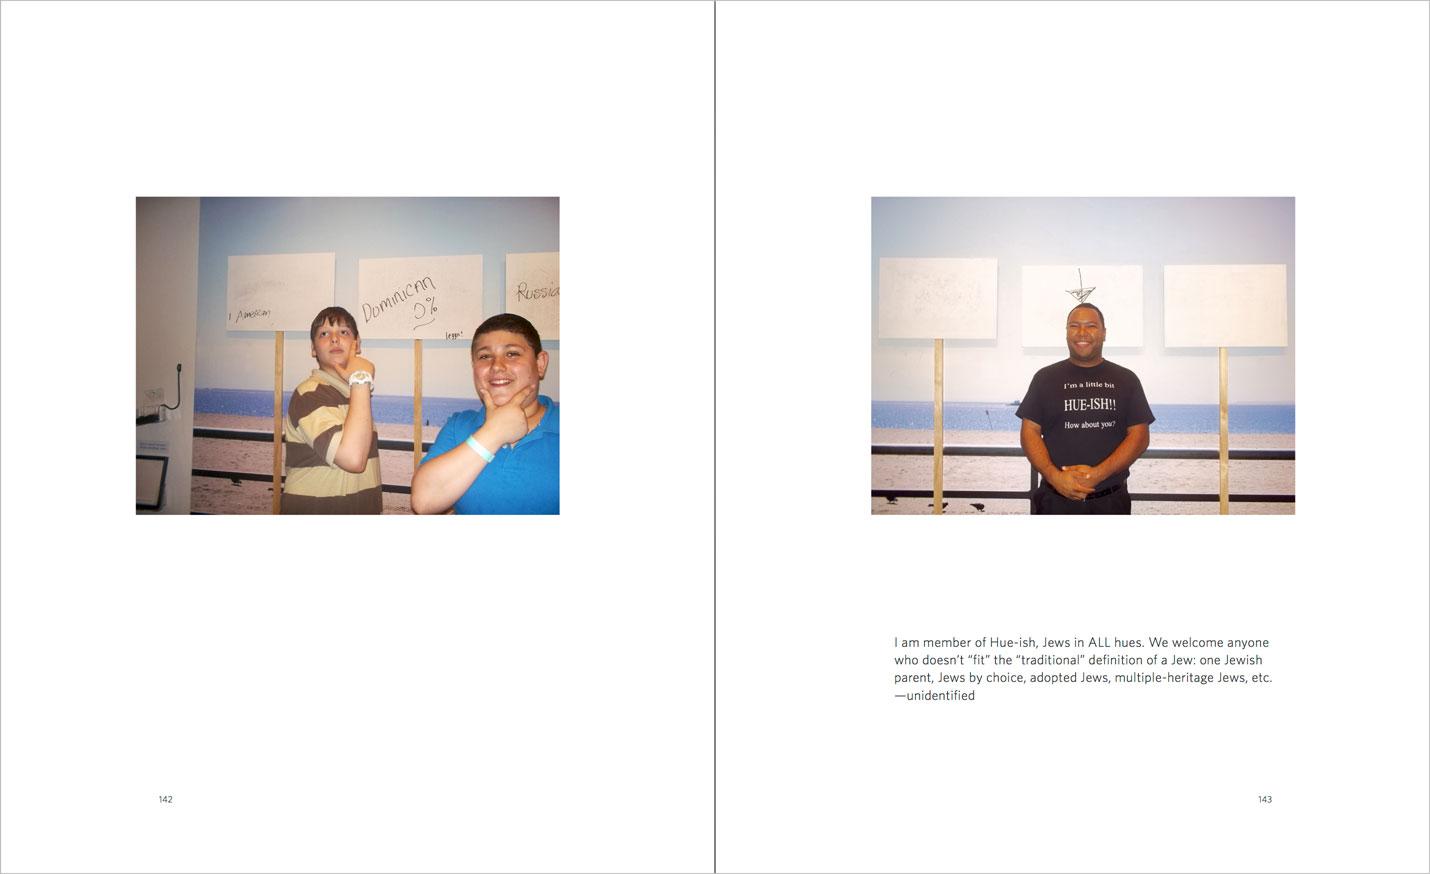 BLIUMIS_PAGE38.jpg